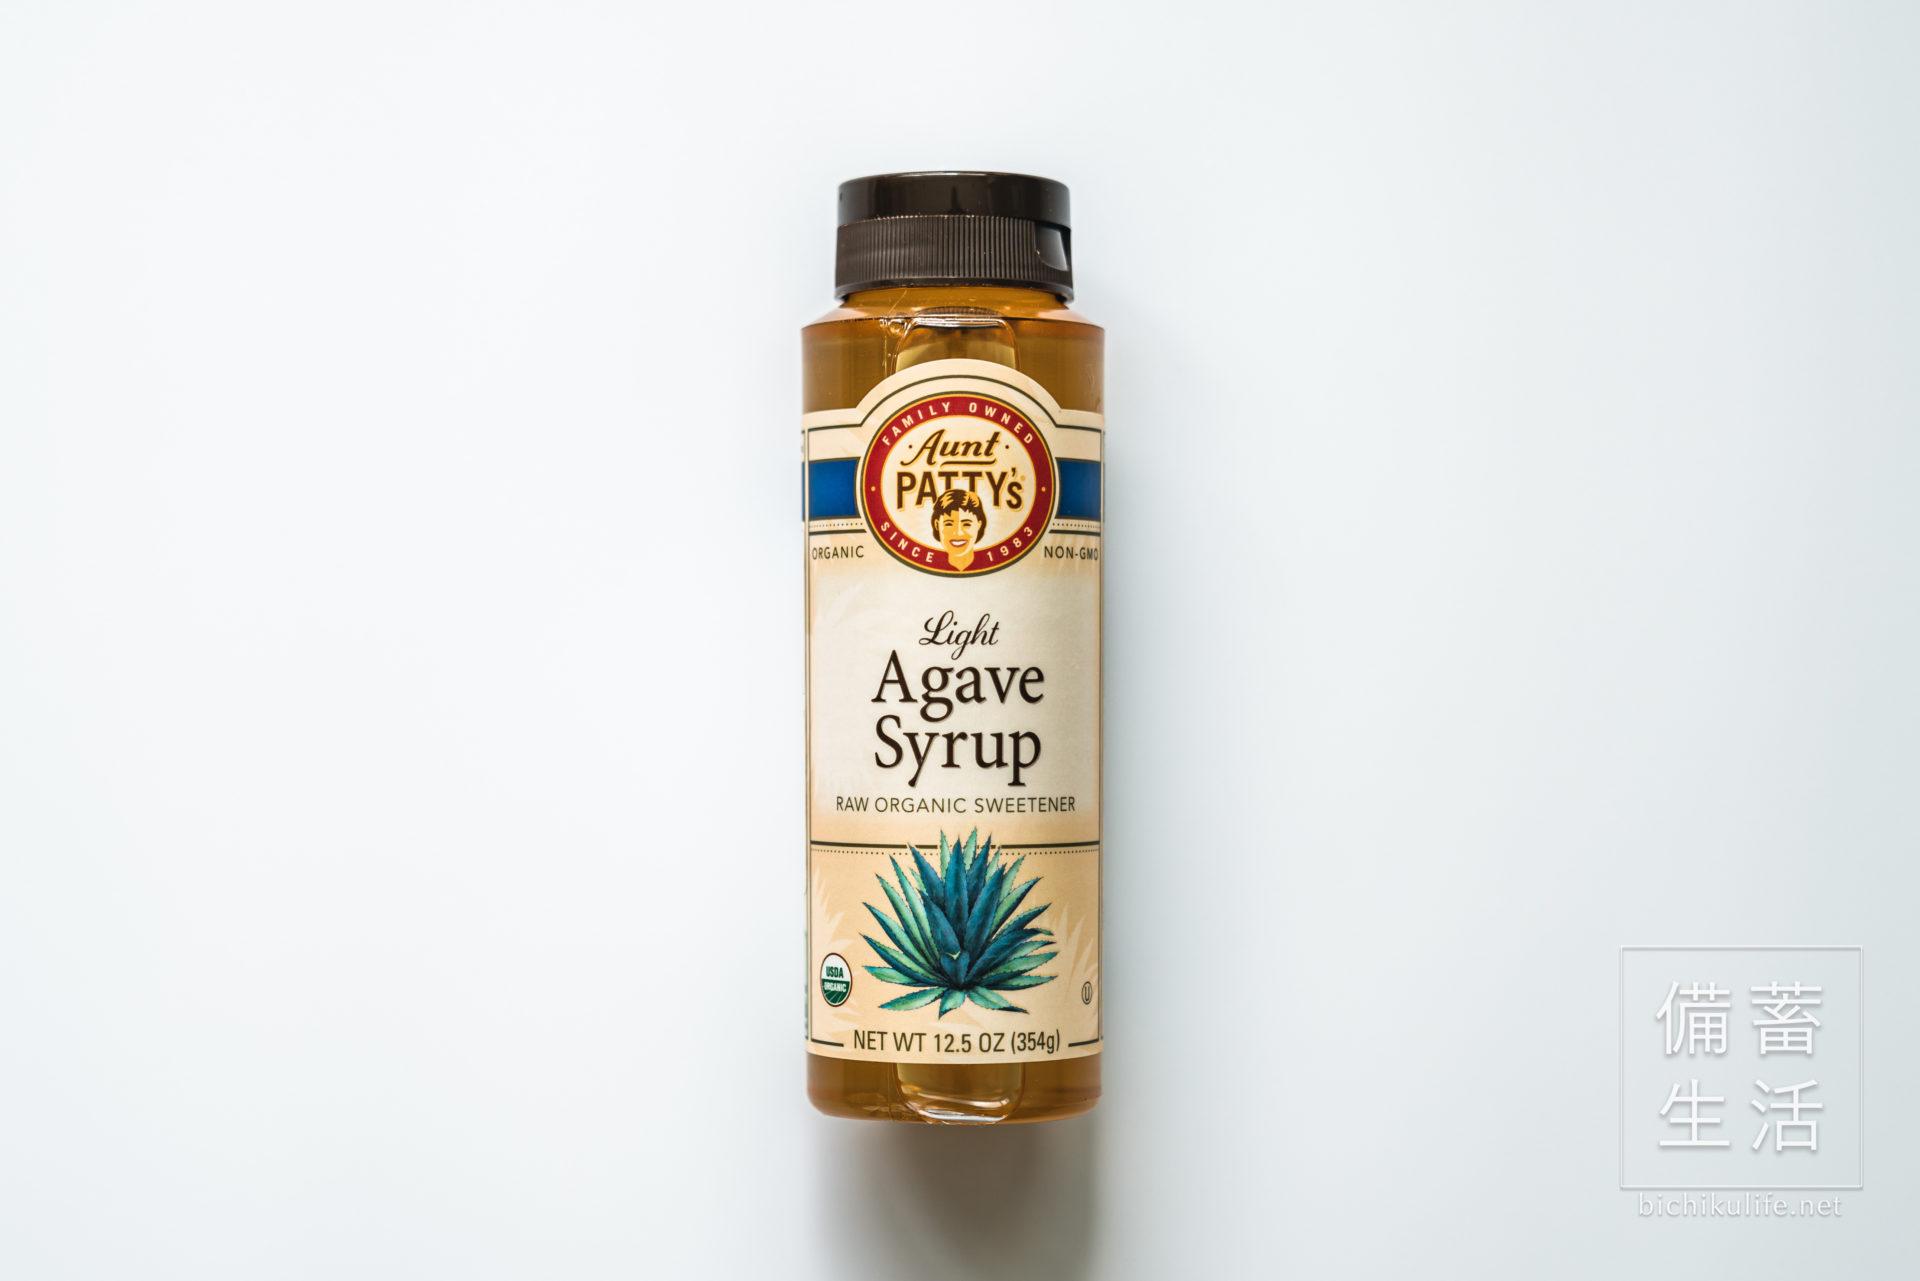 有機アガベシロップ、Aunt Patty's Organic Light Agave Syrup、オーガニックブルーアガベシロップ